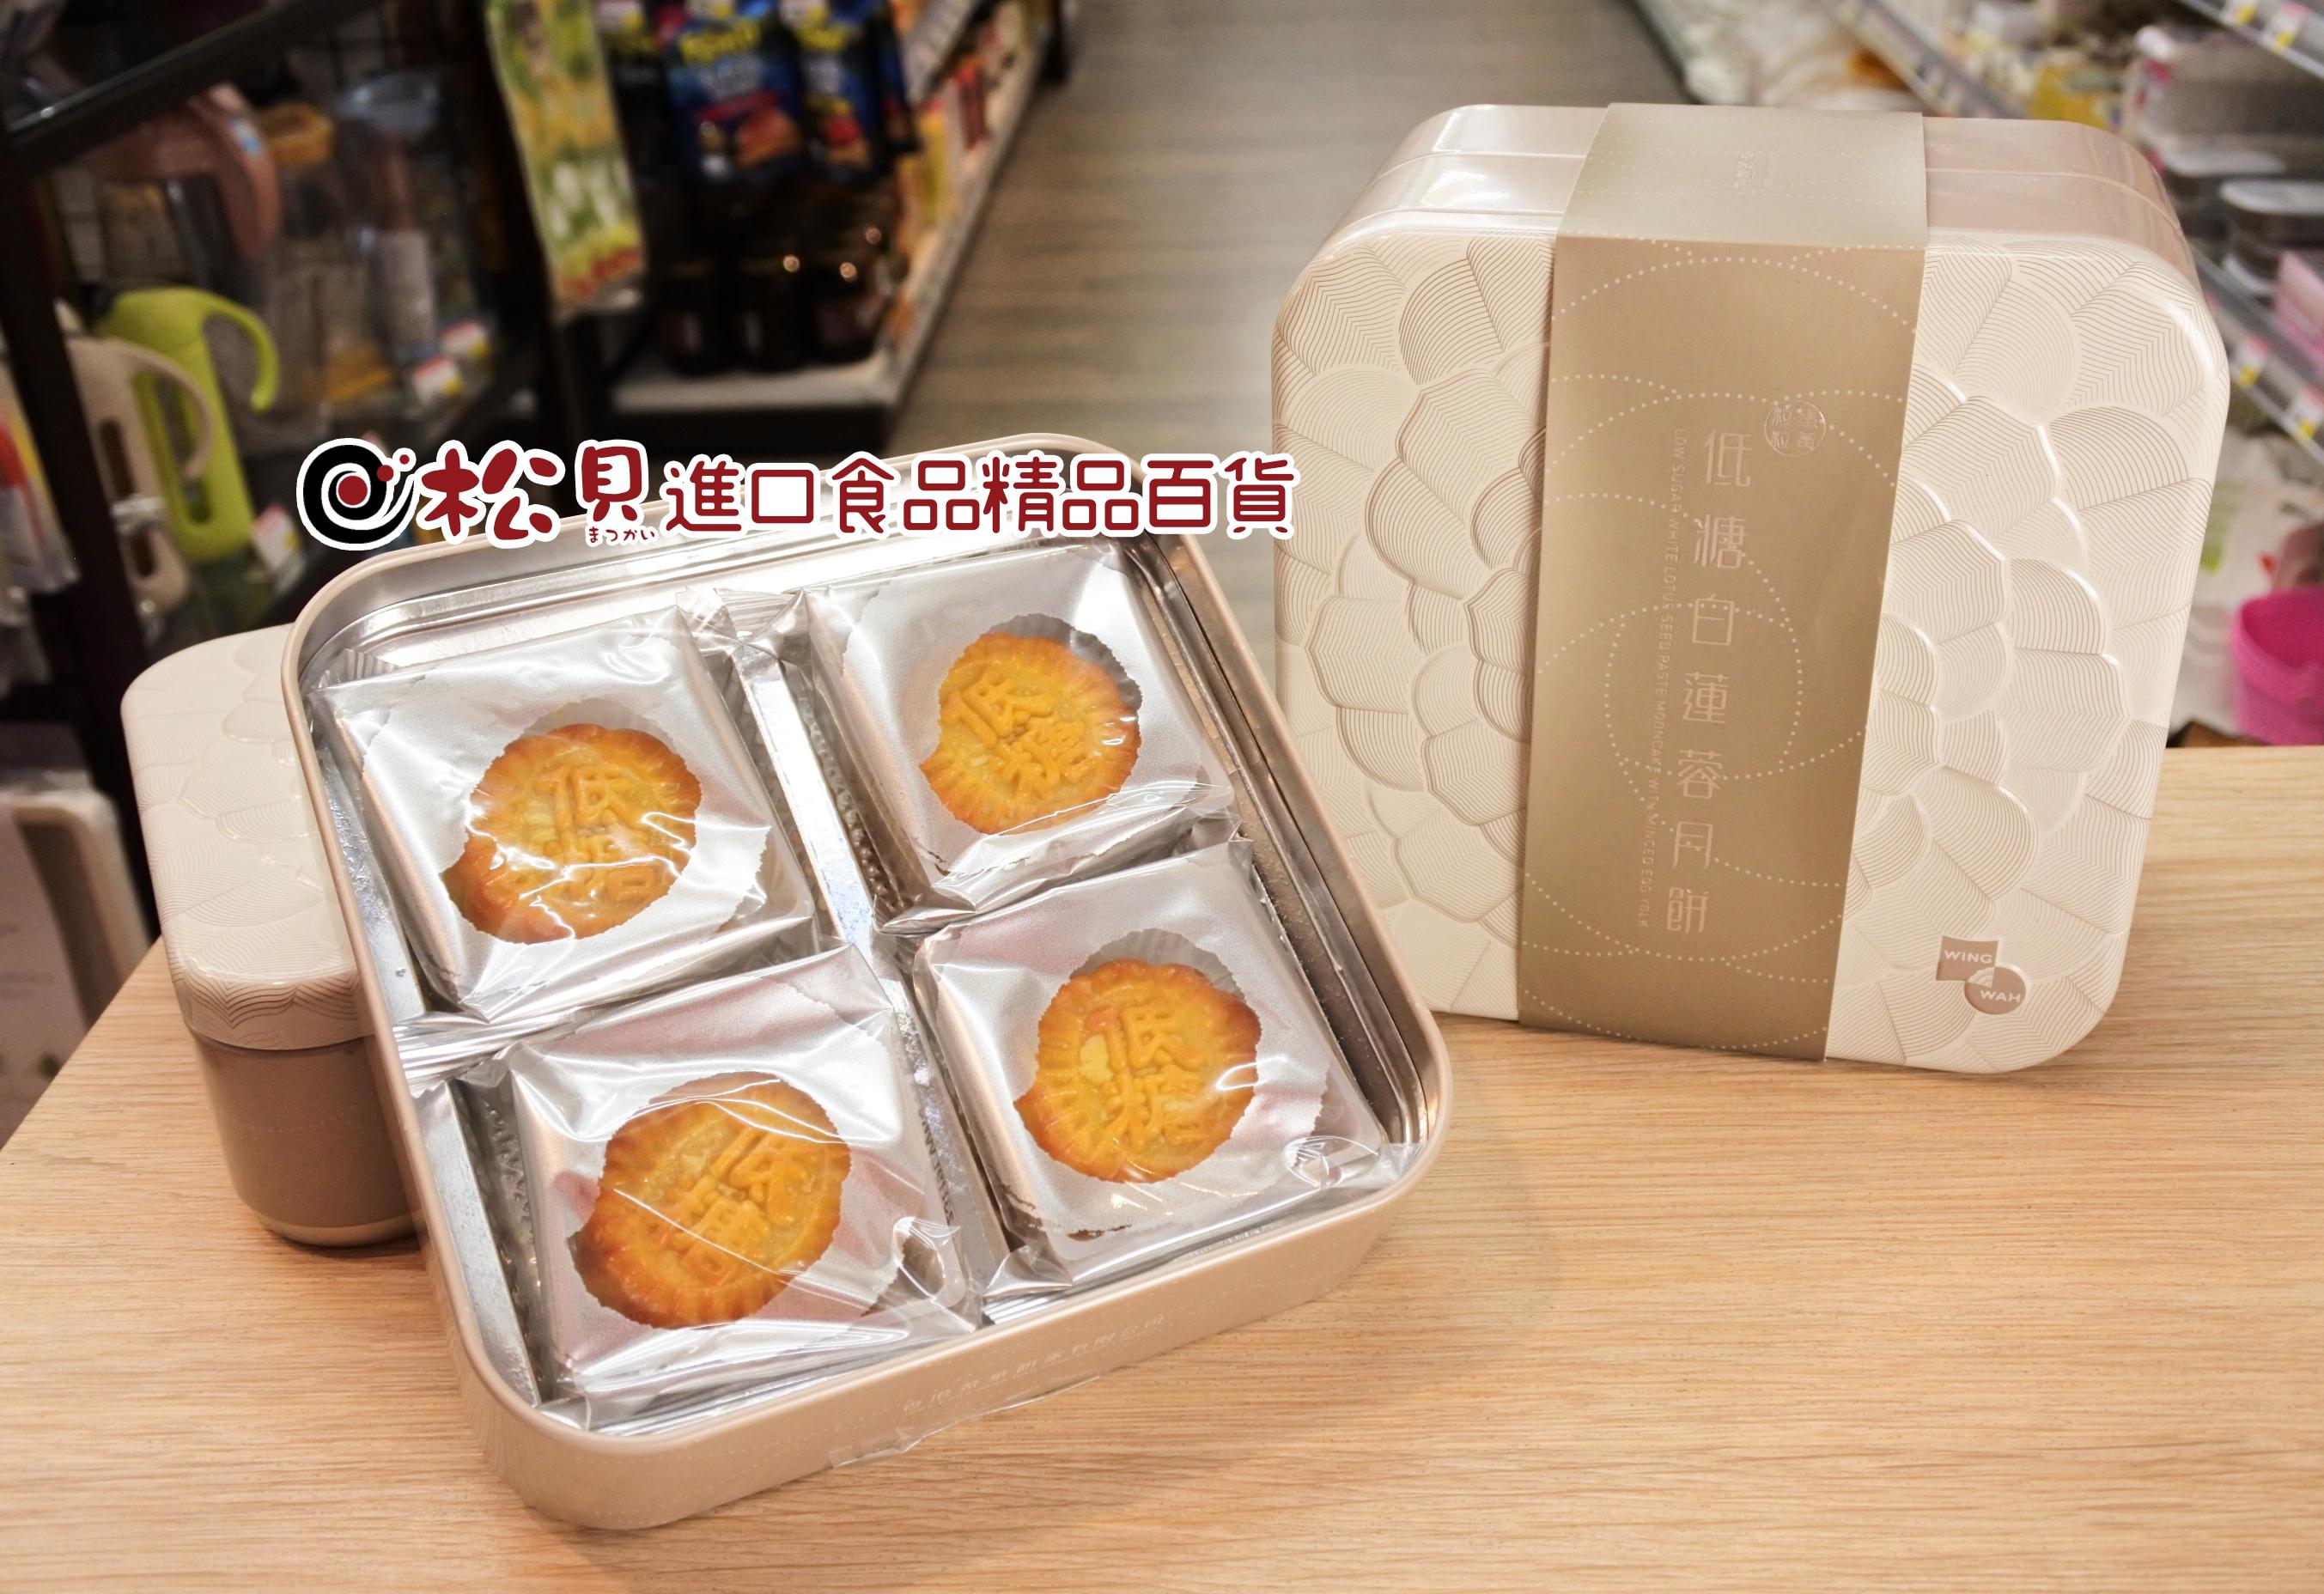 榮華低糖白蓮蓉月餅8入320g